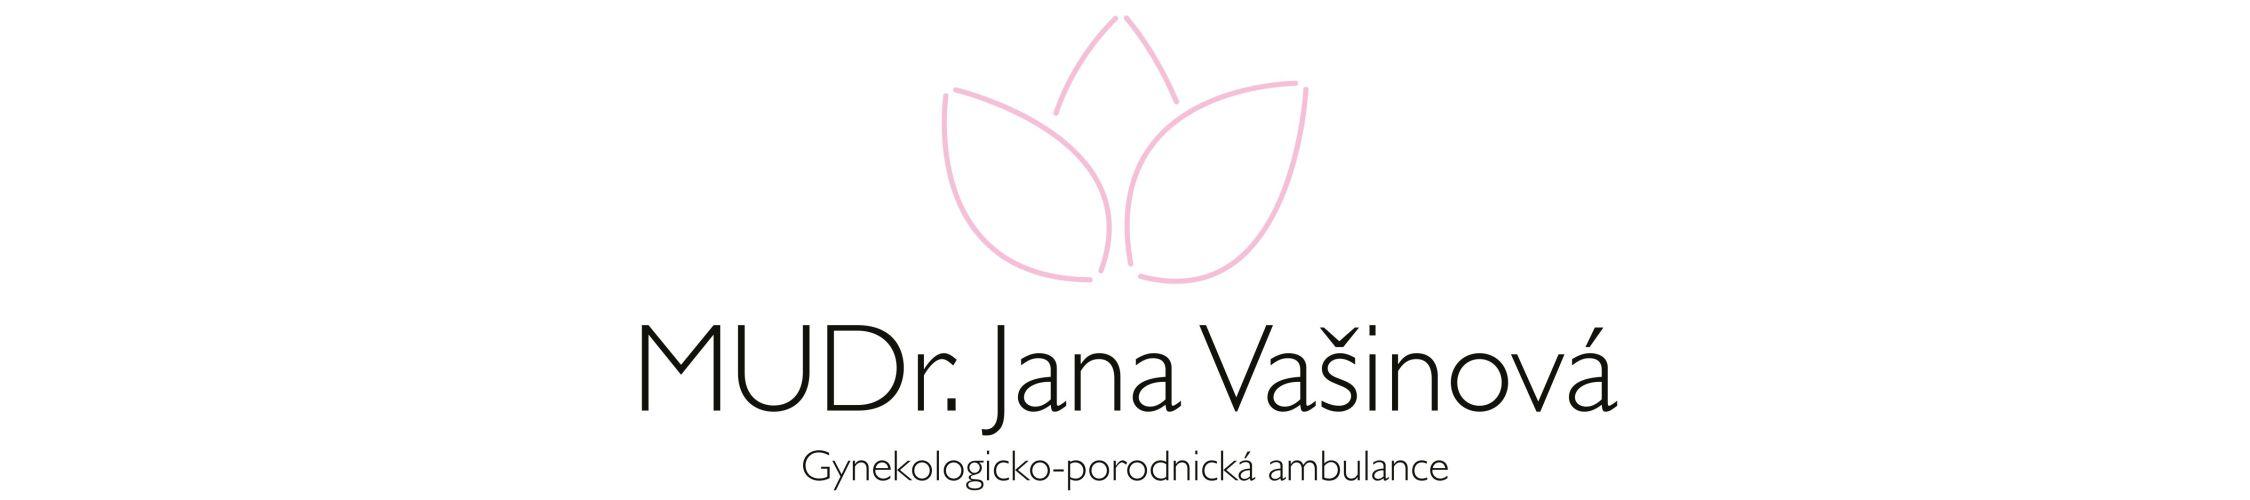 MUDr. Jana Vašinová